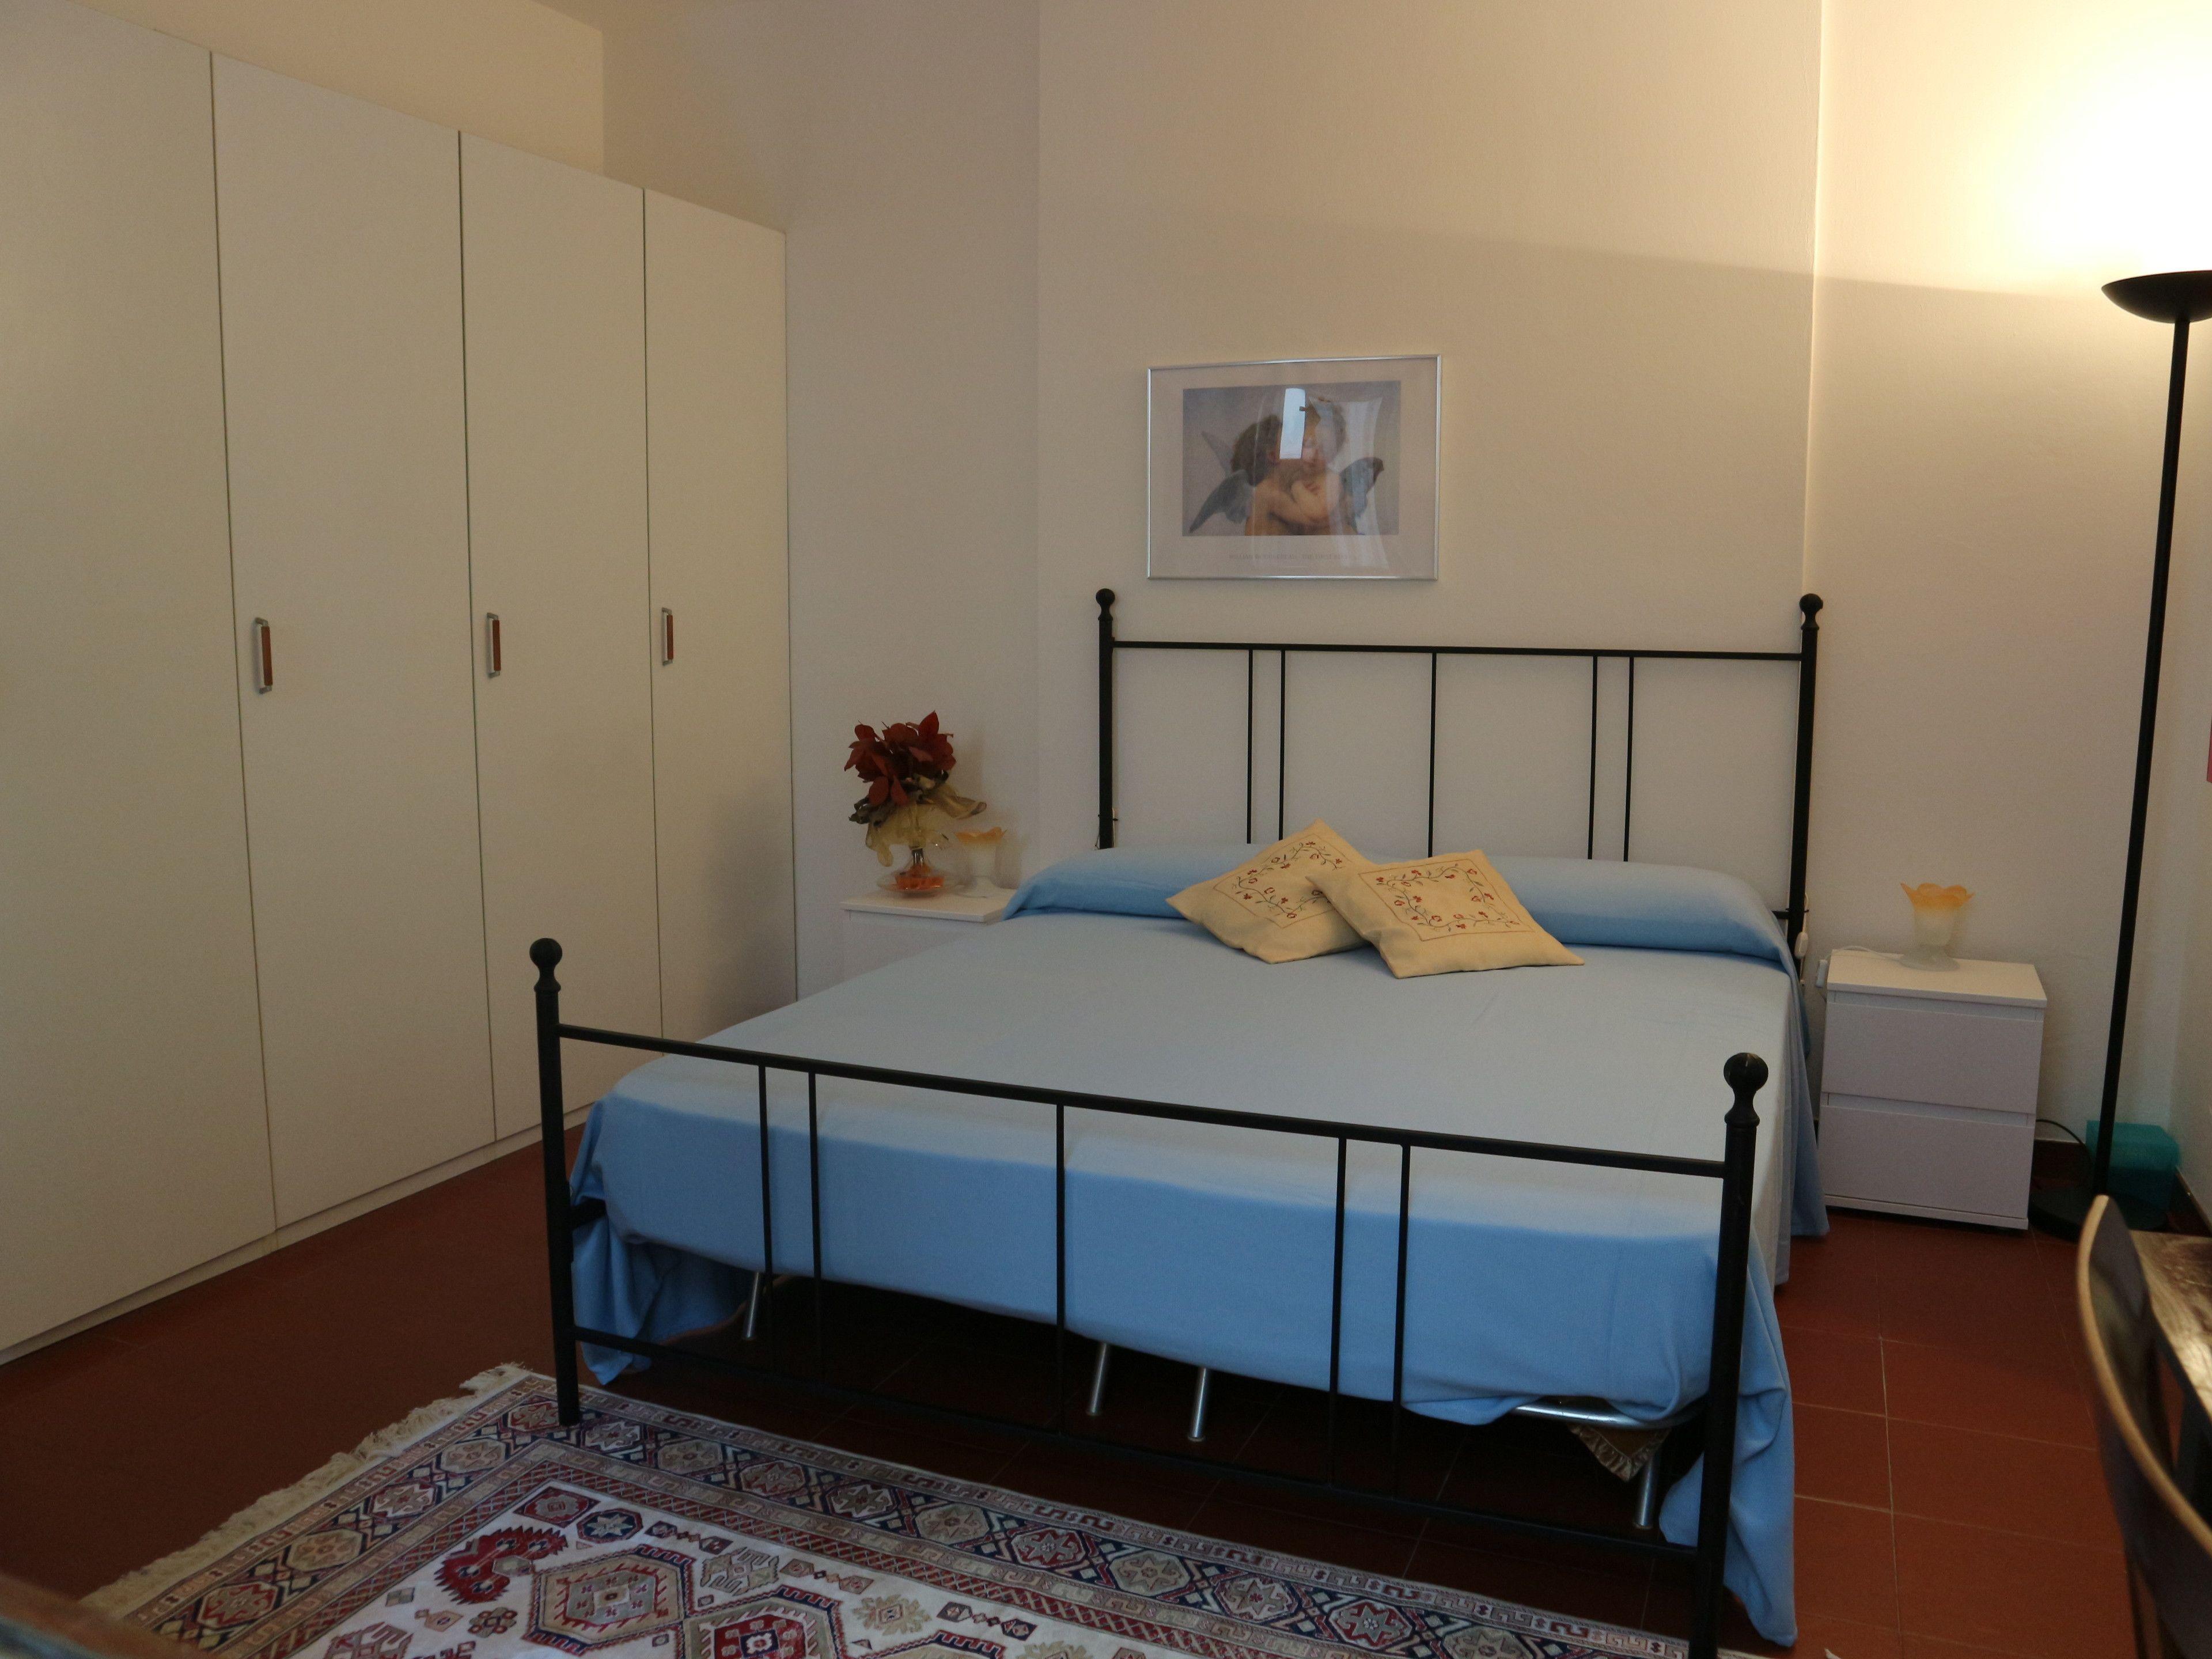 Vicenza - Stradella San Giovanni 7